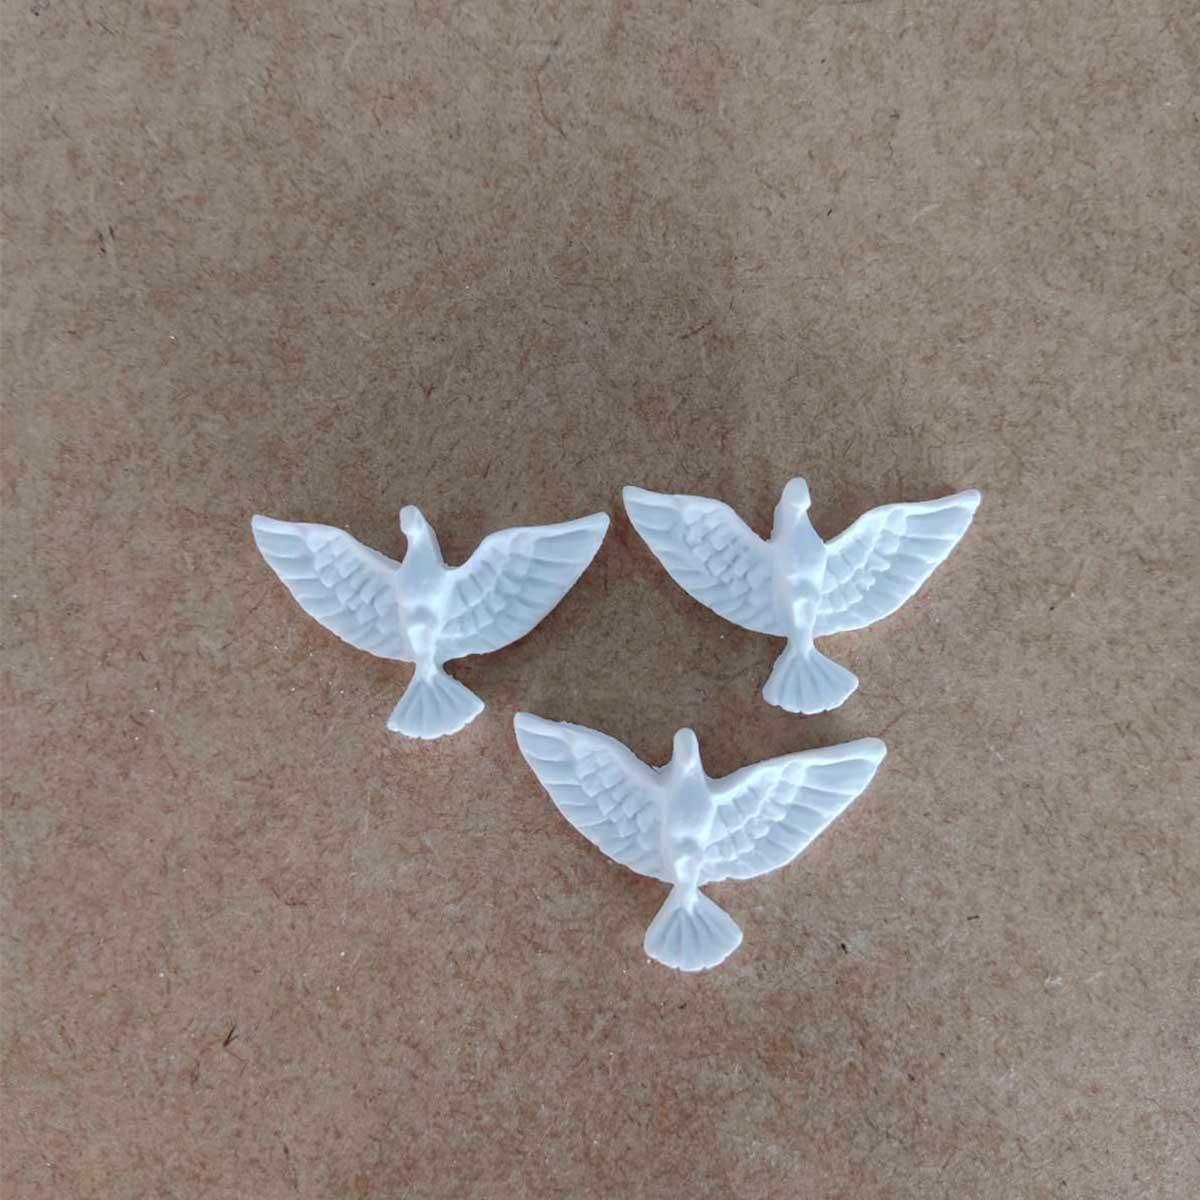 Aplique em Resina - Divino Espírito Santo Pequeno 4X3 c/ 3